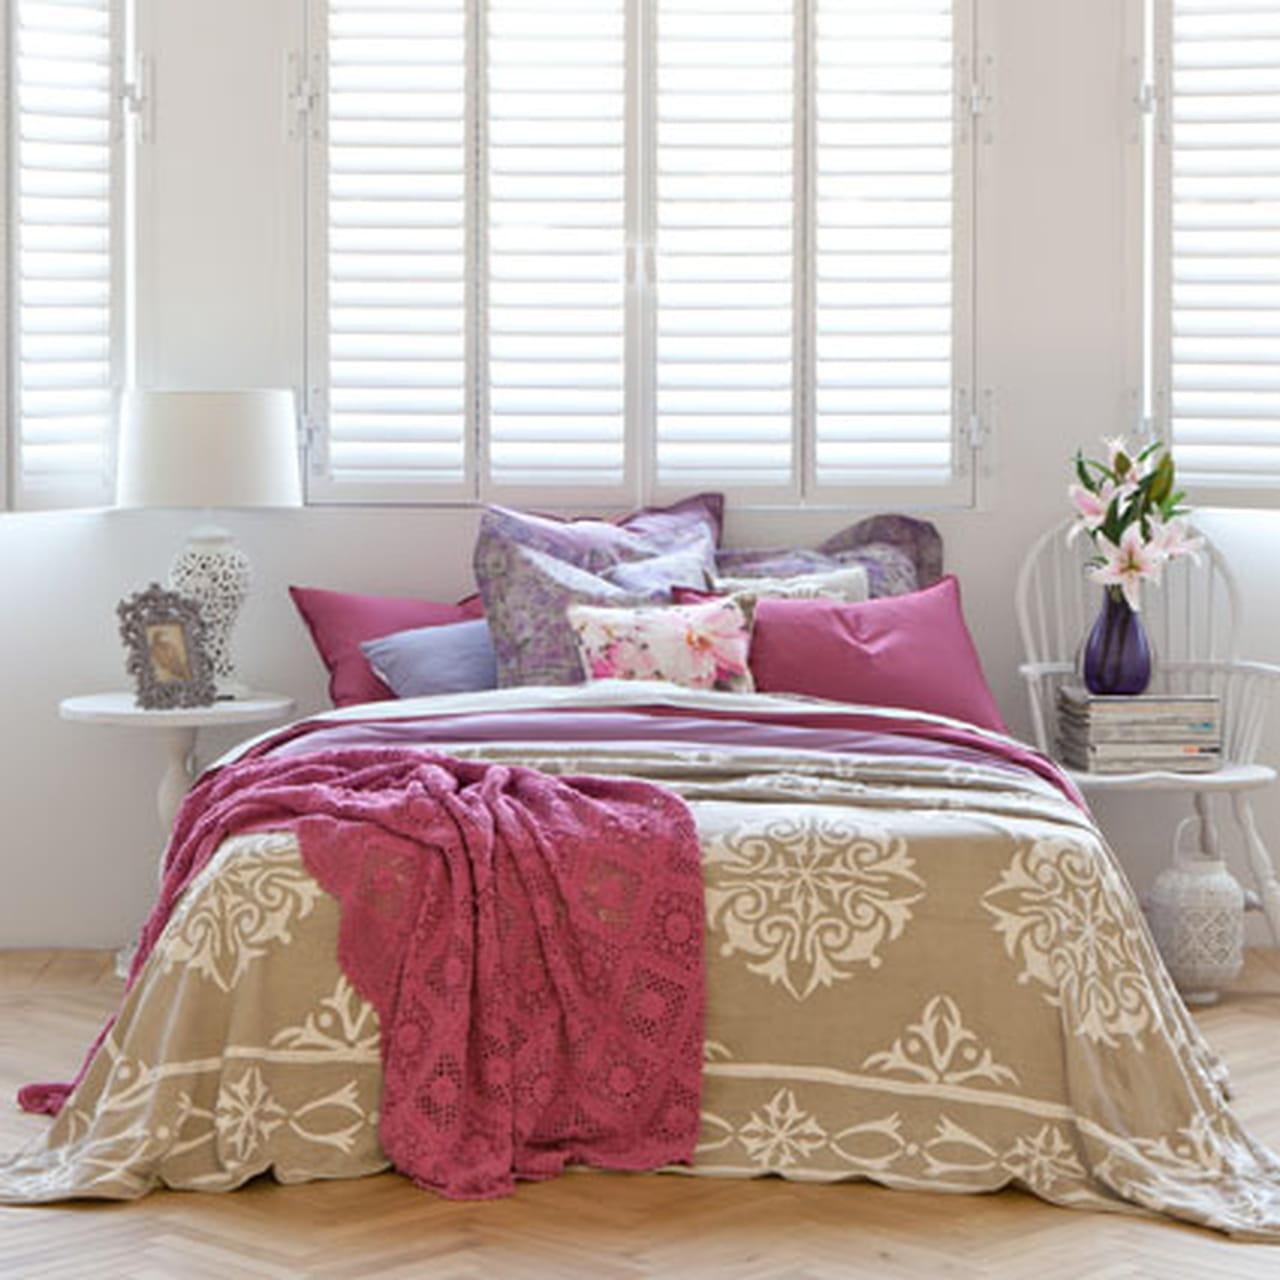 zara home 2014. Black Bedroom Furniture Sets. Home Design Ideas